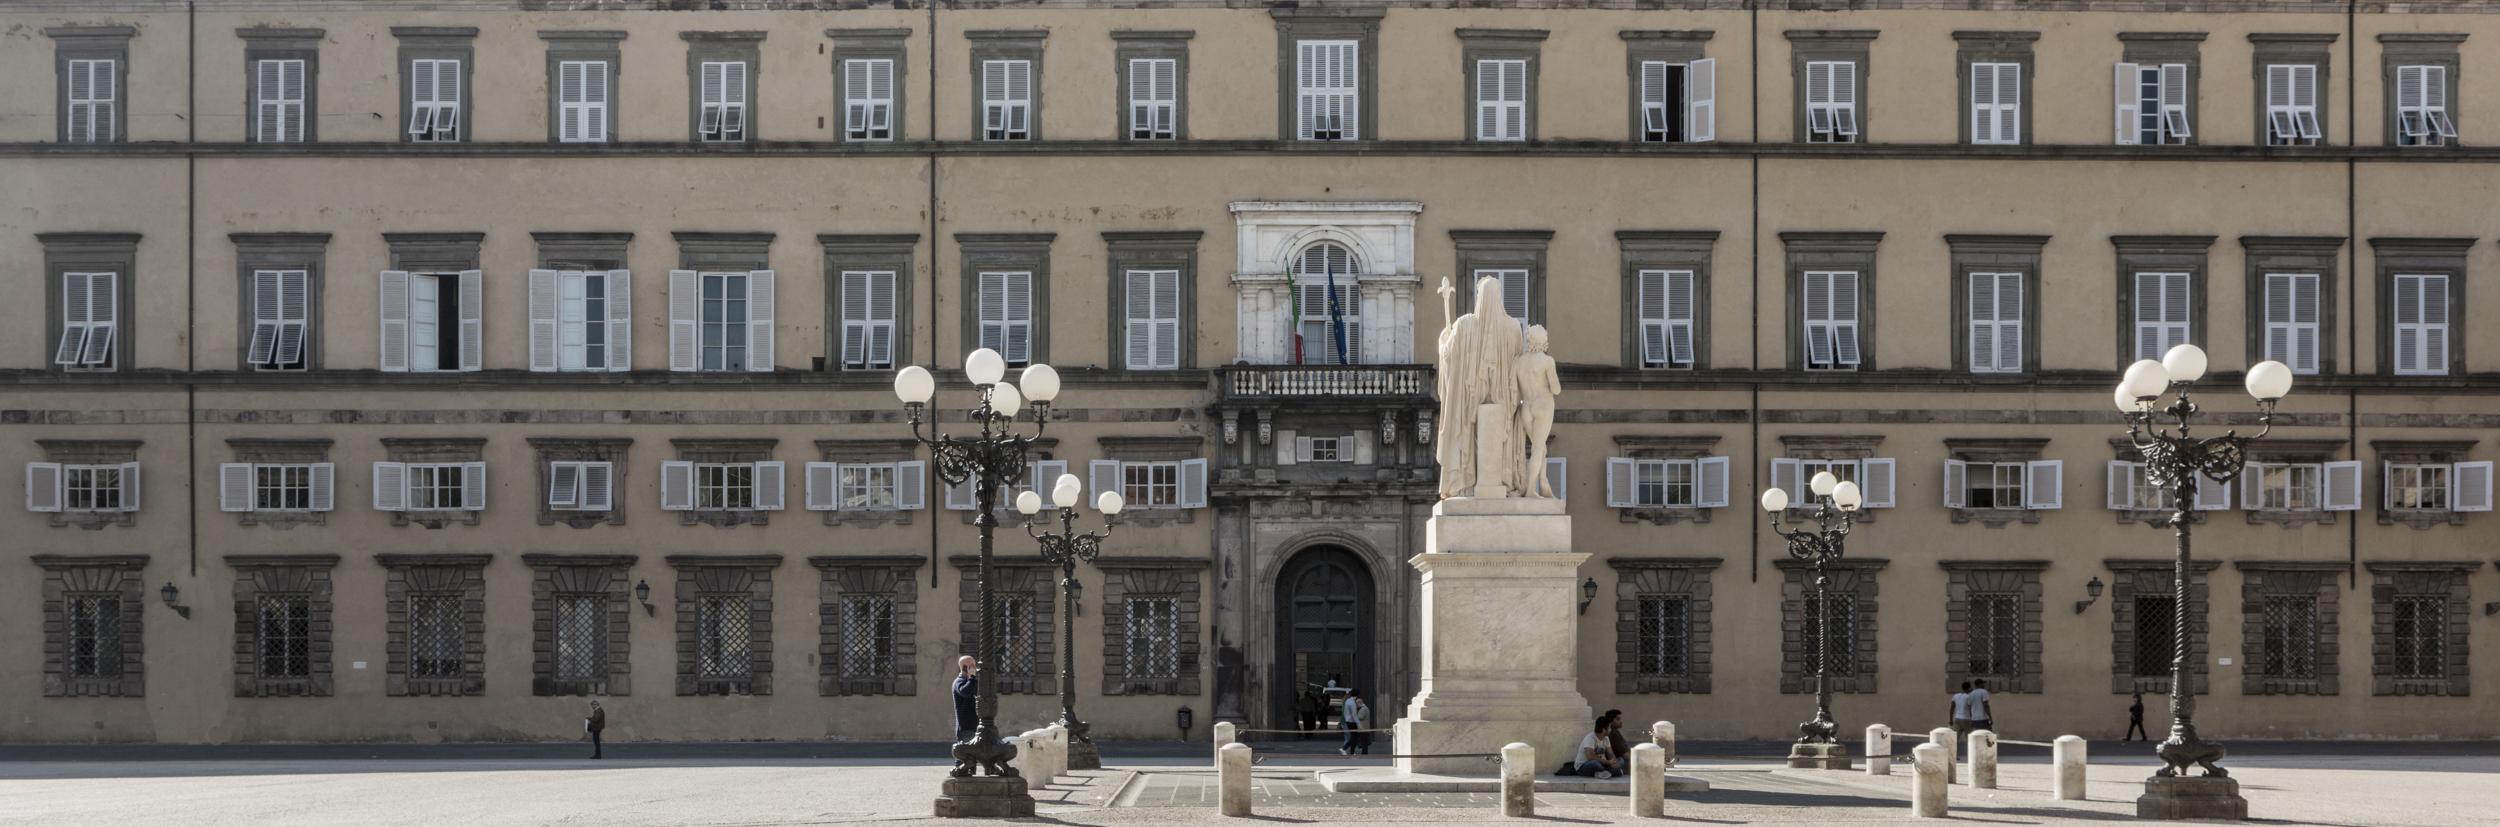 Vista Frontale del Palazzo Ducale a Lucca